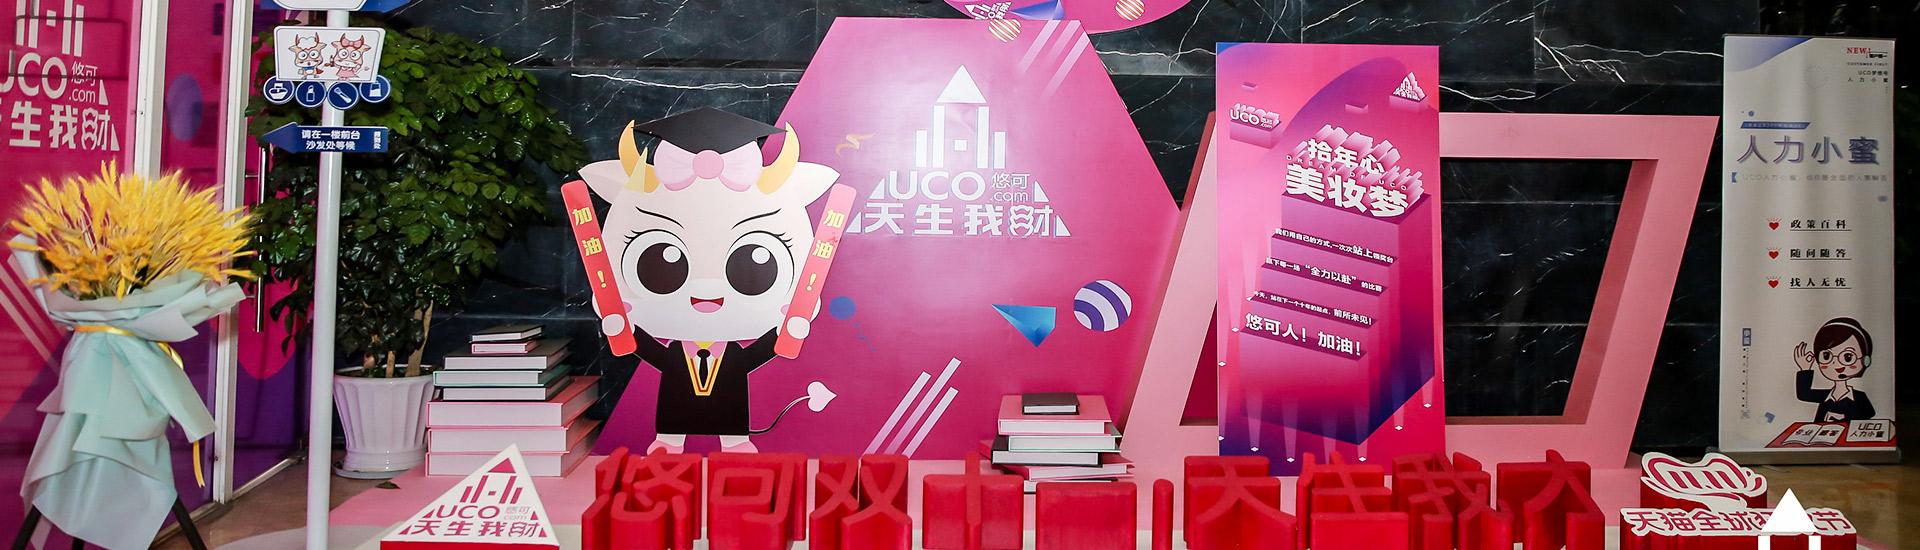 杭州悠可化妆品有限公司UCO-7